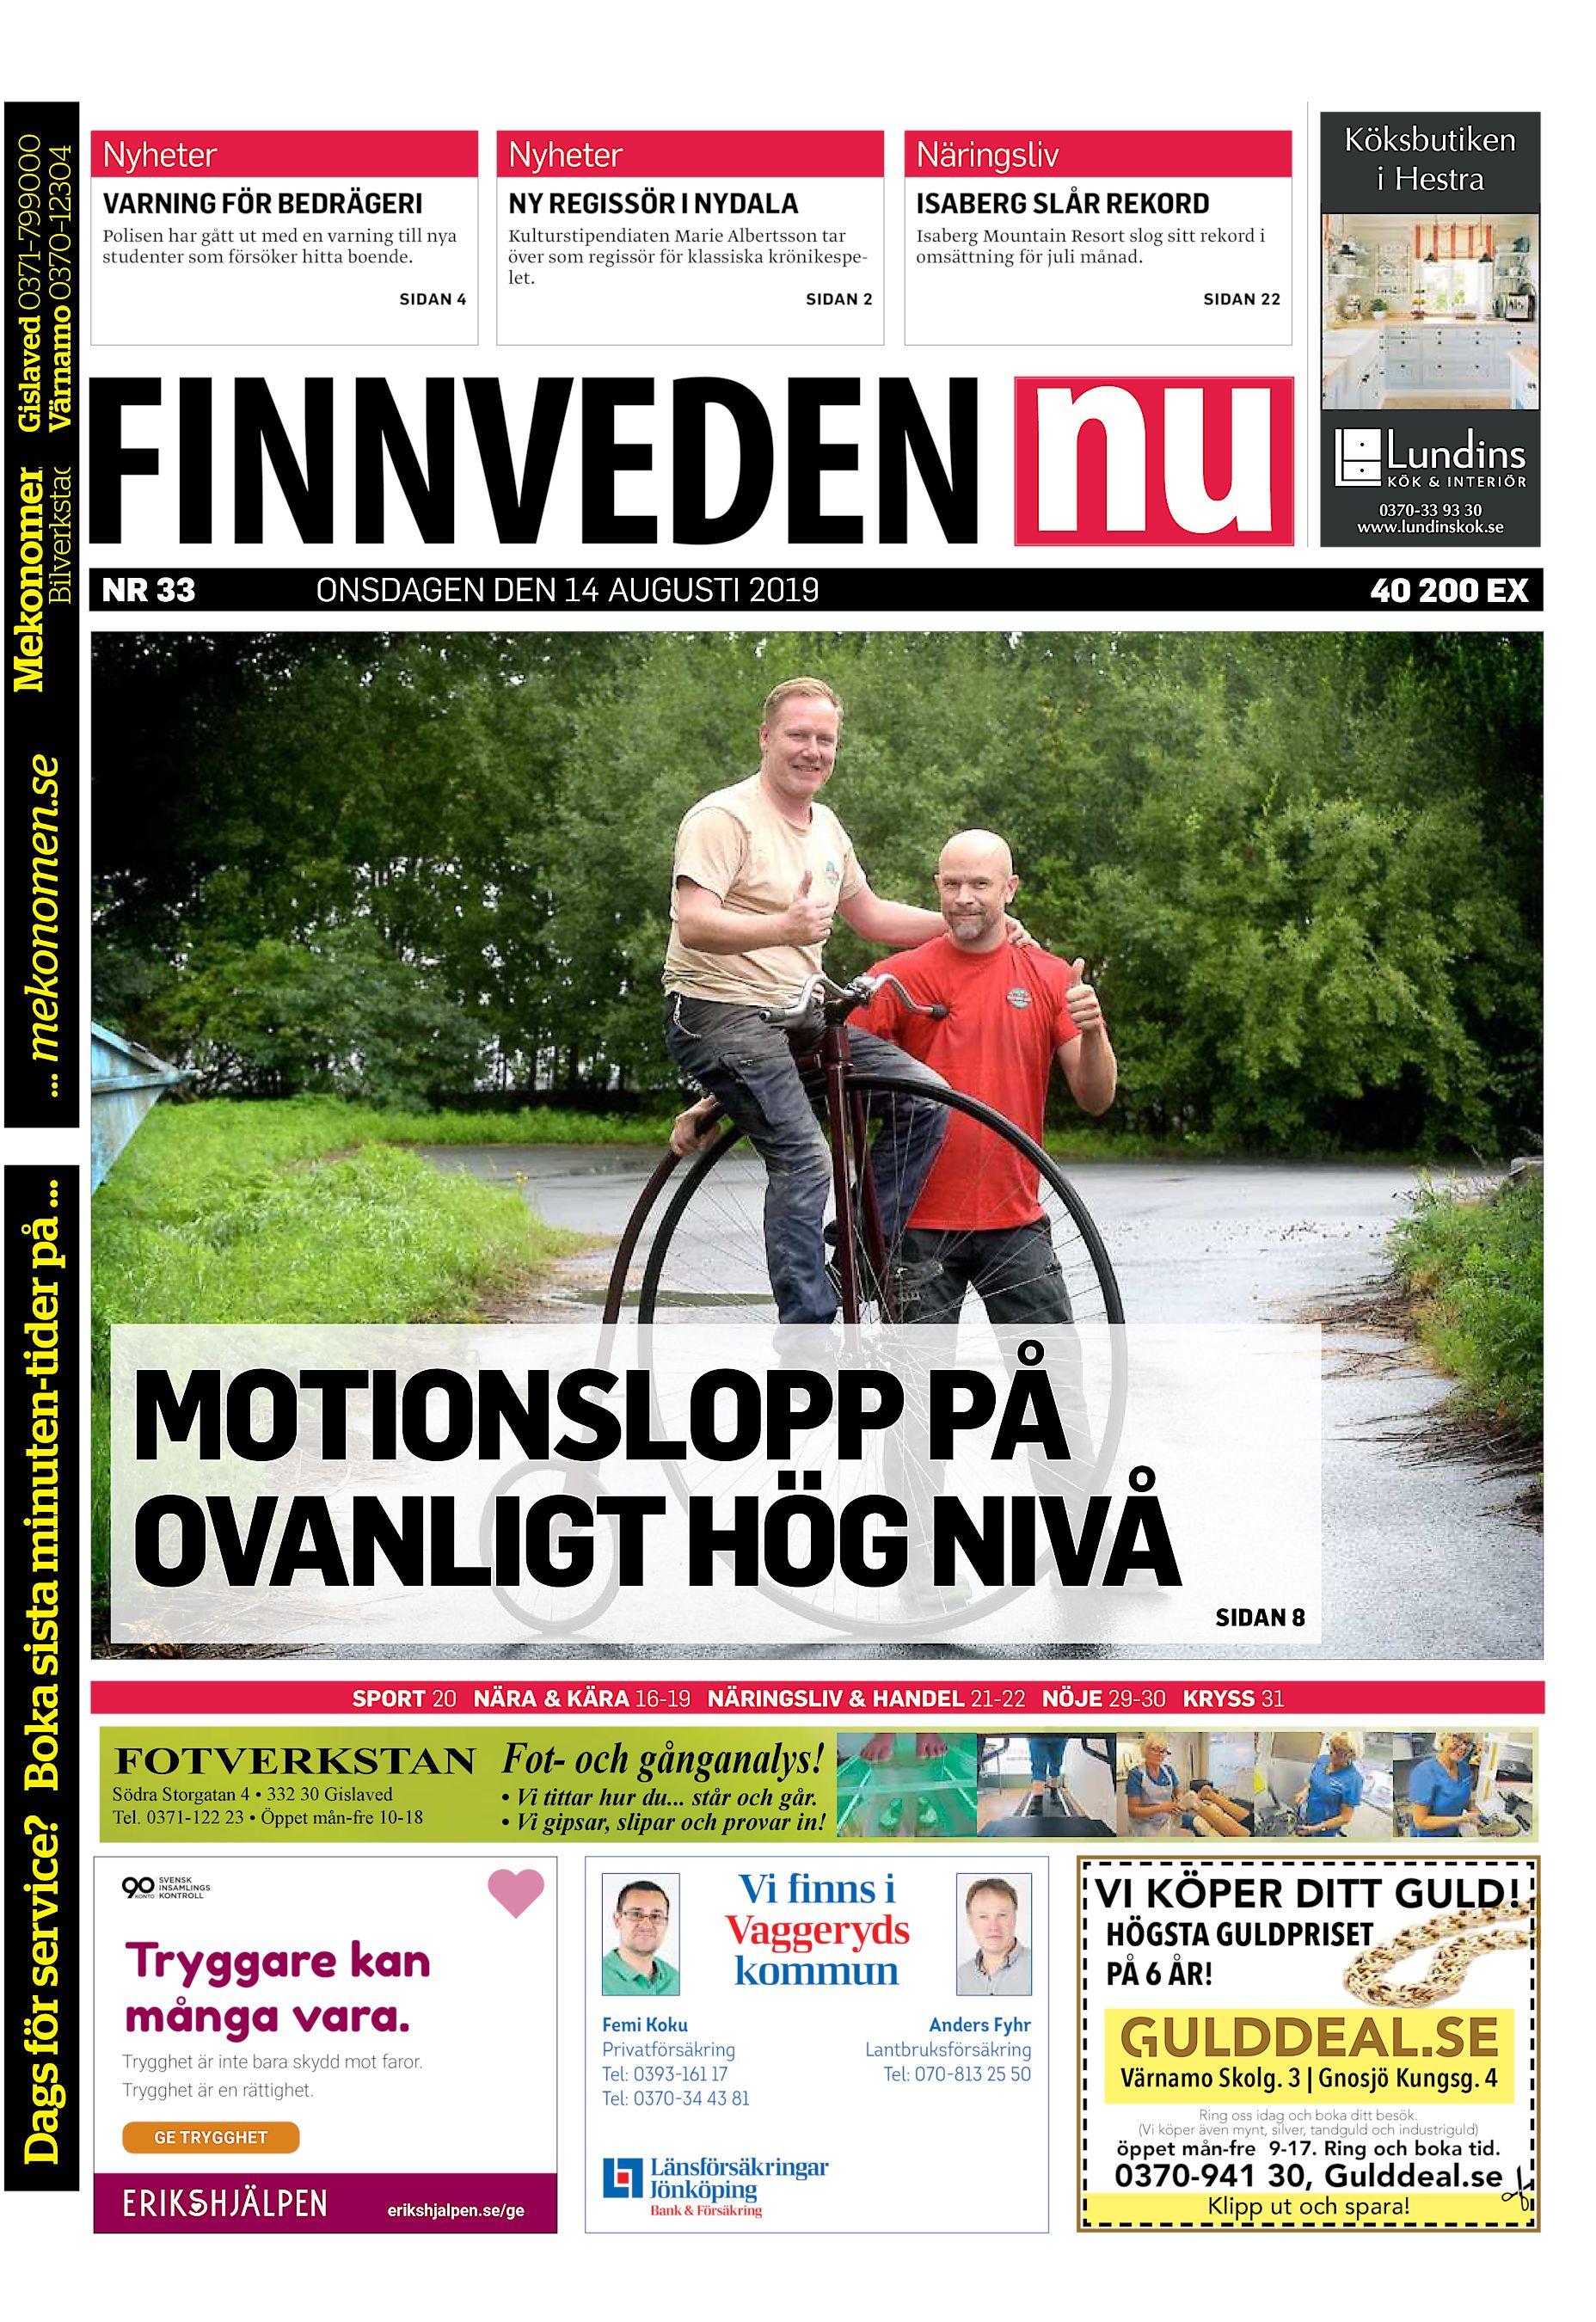 Mikael Larsson, Ringvgen 30, Hestra | omr-scanner.net